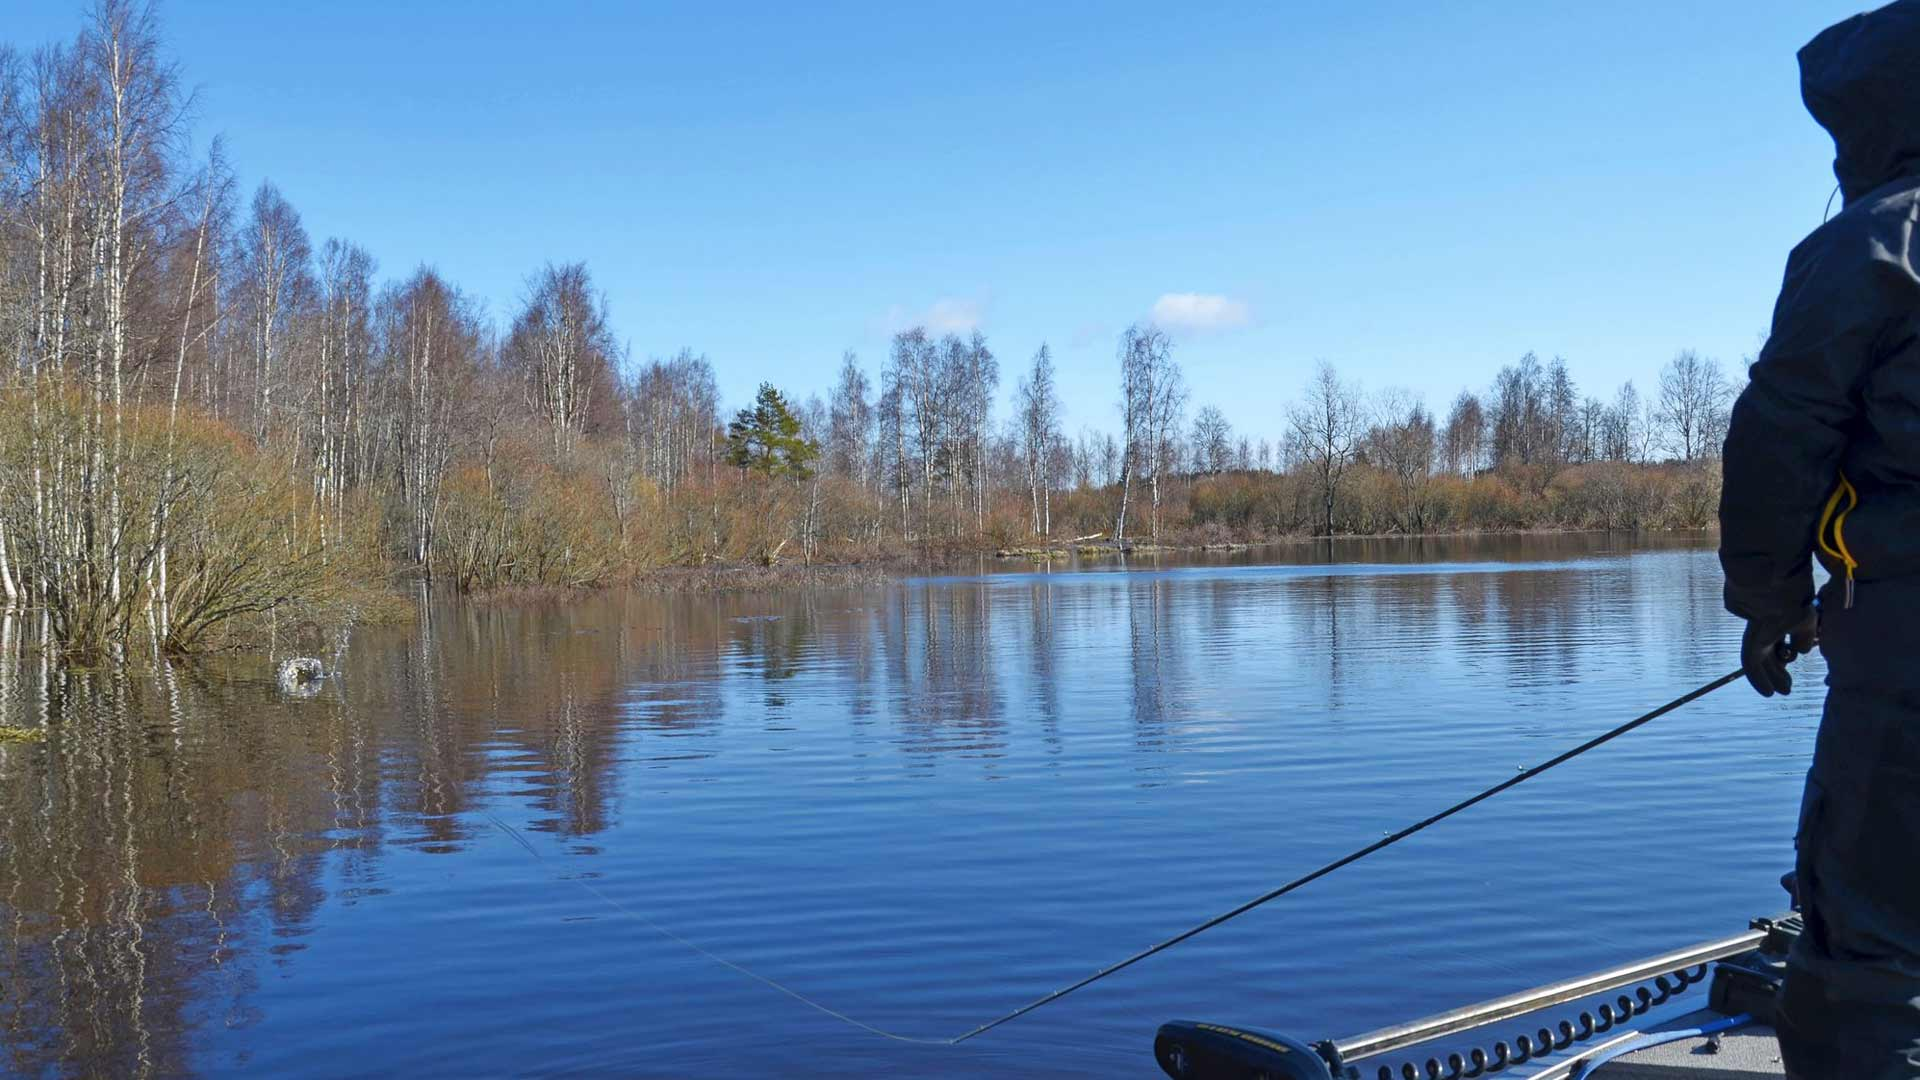 Kalastus kysyy pitkää mieltä. Hauki väijyy saalistaan mielellään esimerkiksi puiden suojissa. Ero kelpo vonkaleen ja viehetappion välillä ei ole suuri, joten heittotarkkuutta kannattaa harjoitella.